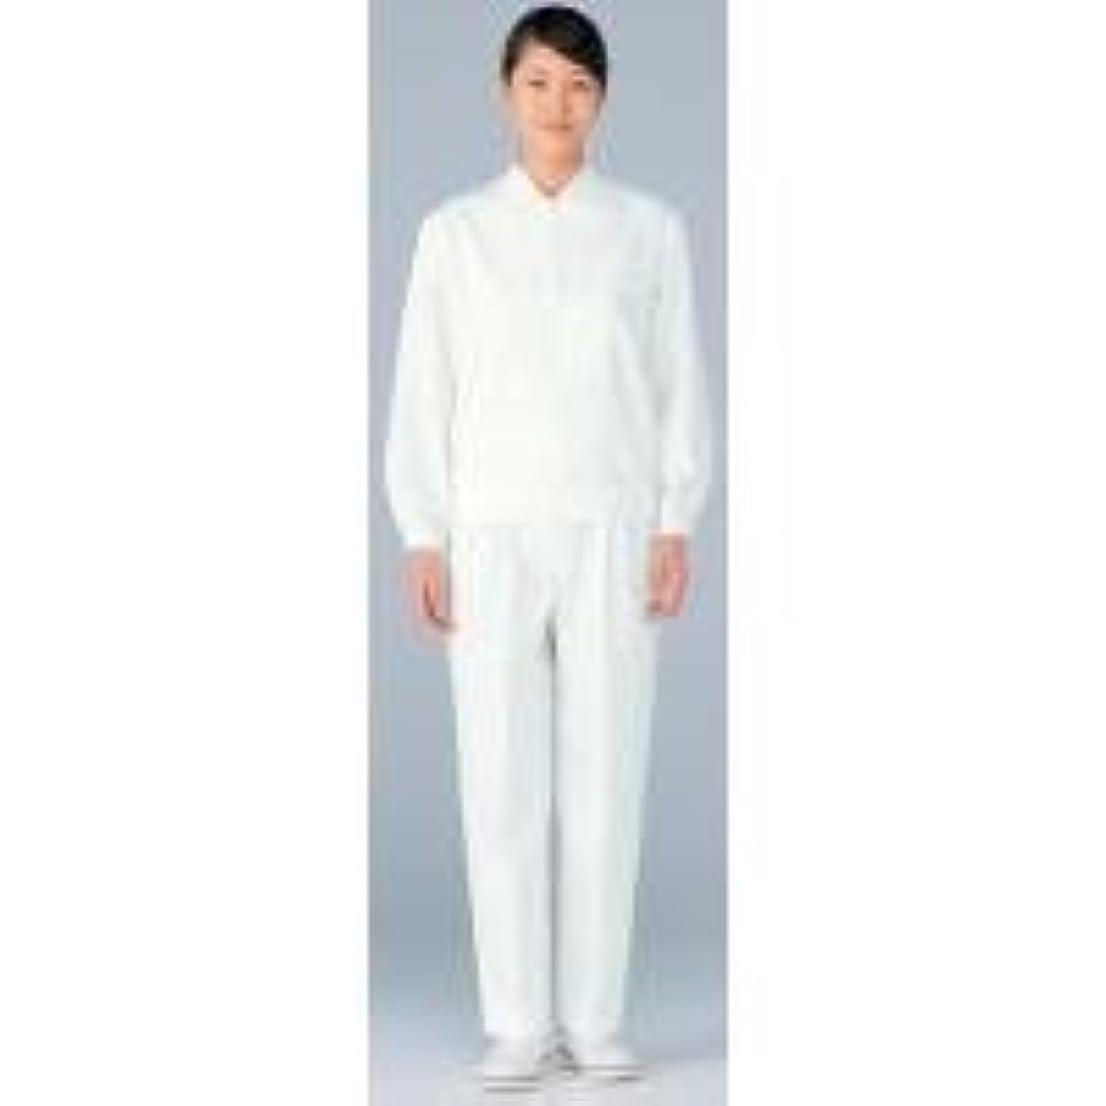 壁紙必要性道に迷いましたサカノ繊維 SW2002 Factory Wear(工場用白衣) WEFTLOC(ウエストロック) エバレットII 男女兼用 4L